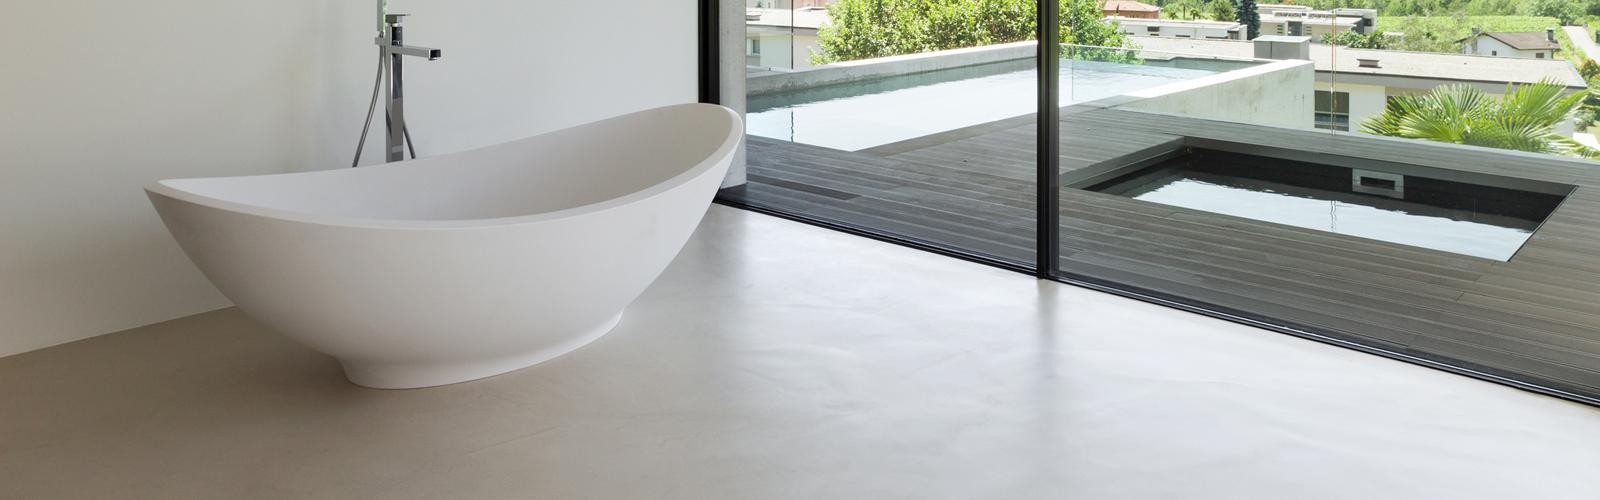 venezianischer steinboden fugenlos und einzigartig bosus. Black Bedroom Furniture Sets. Home Design Ideas